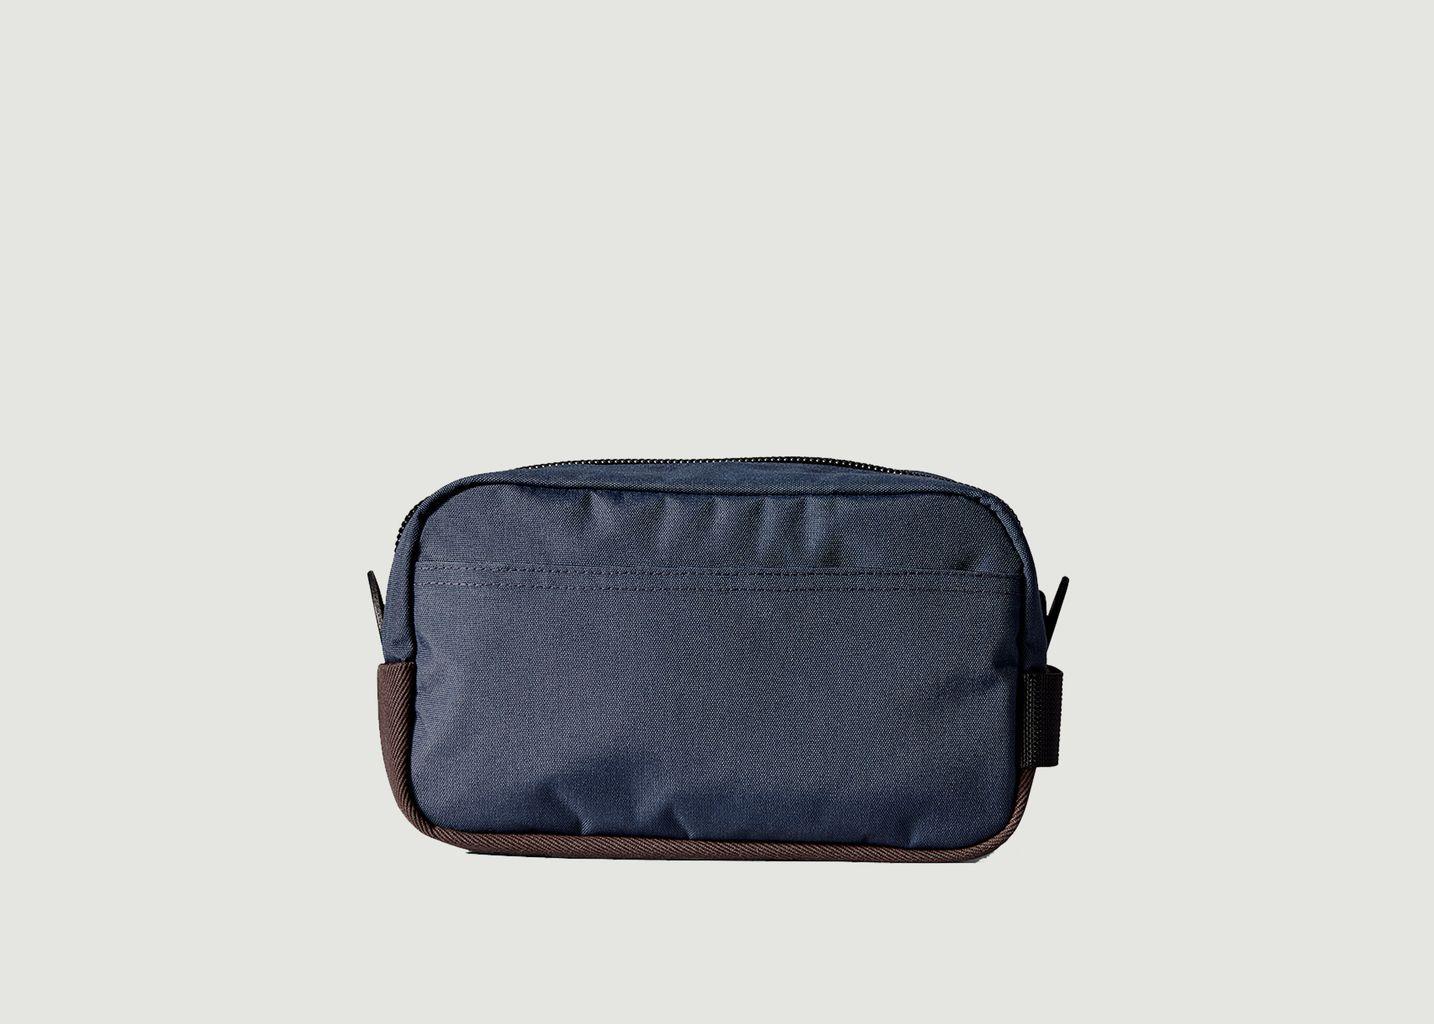 Travel Pack - Filson